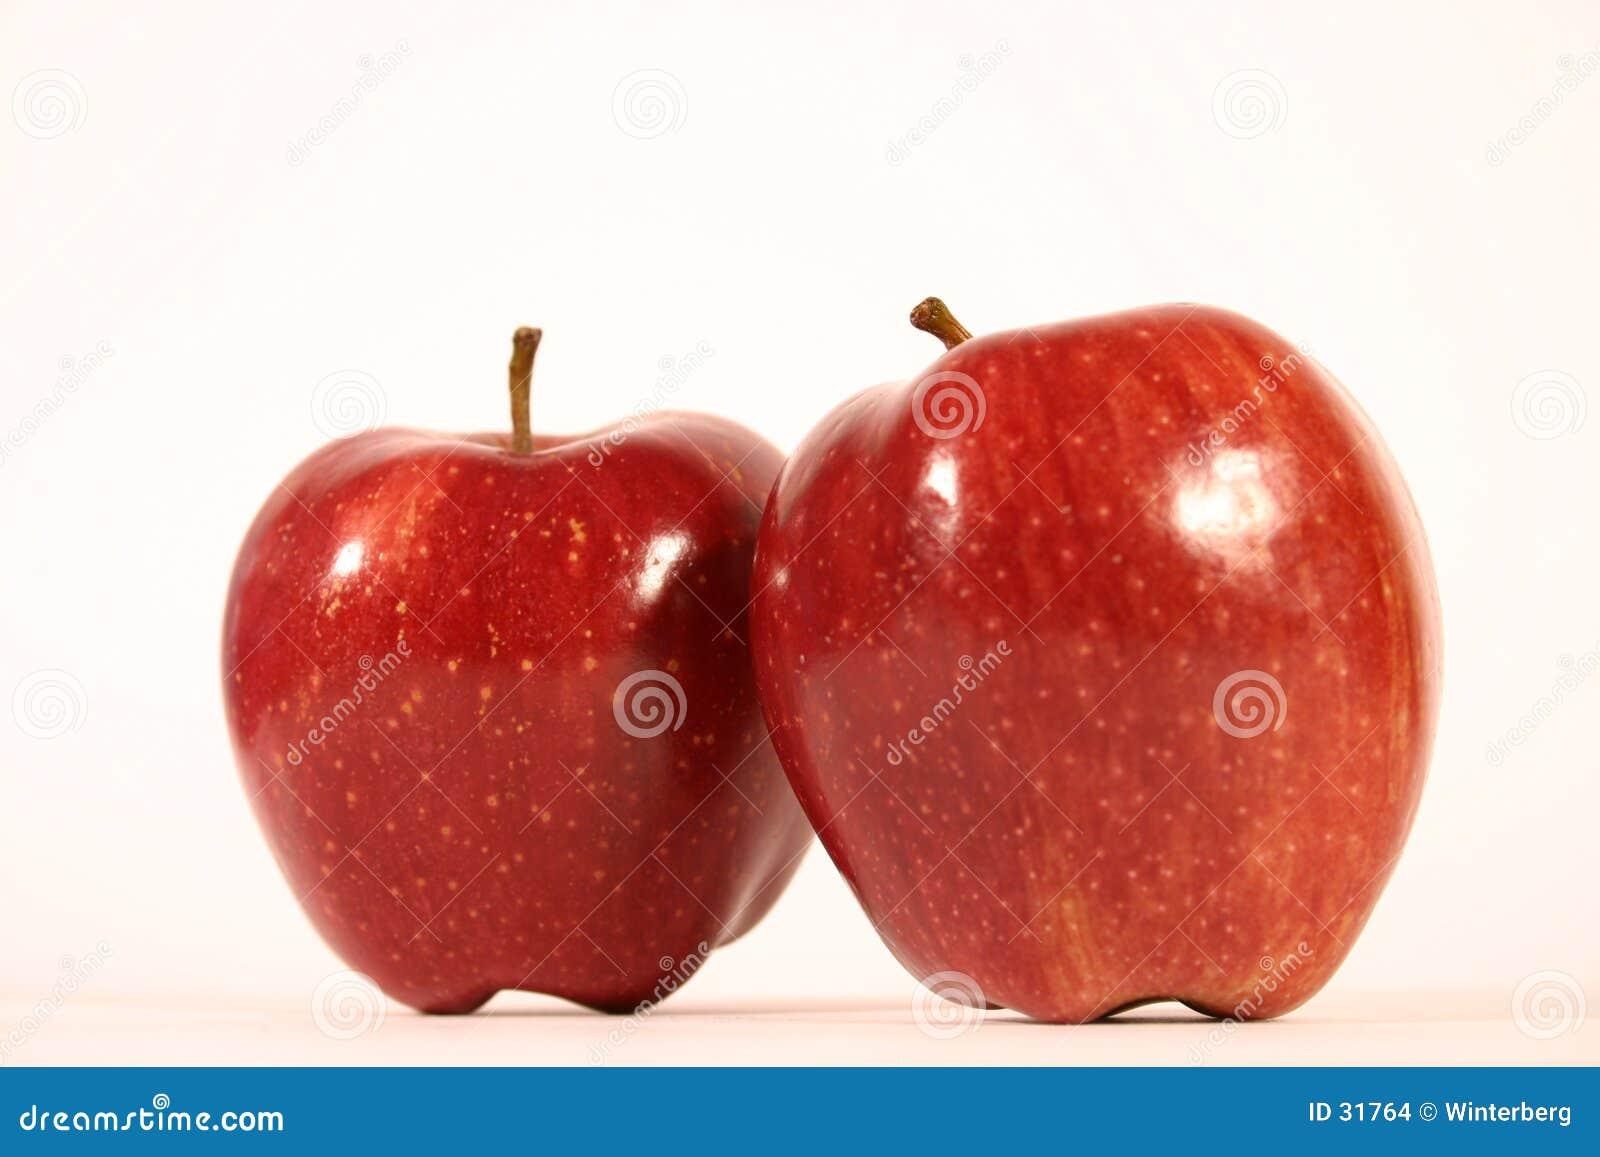 Download Zwei rote Äpfel stockfoto. Bild von saftig, frucht, apfel - 31764